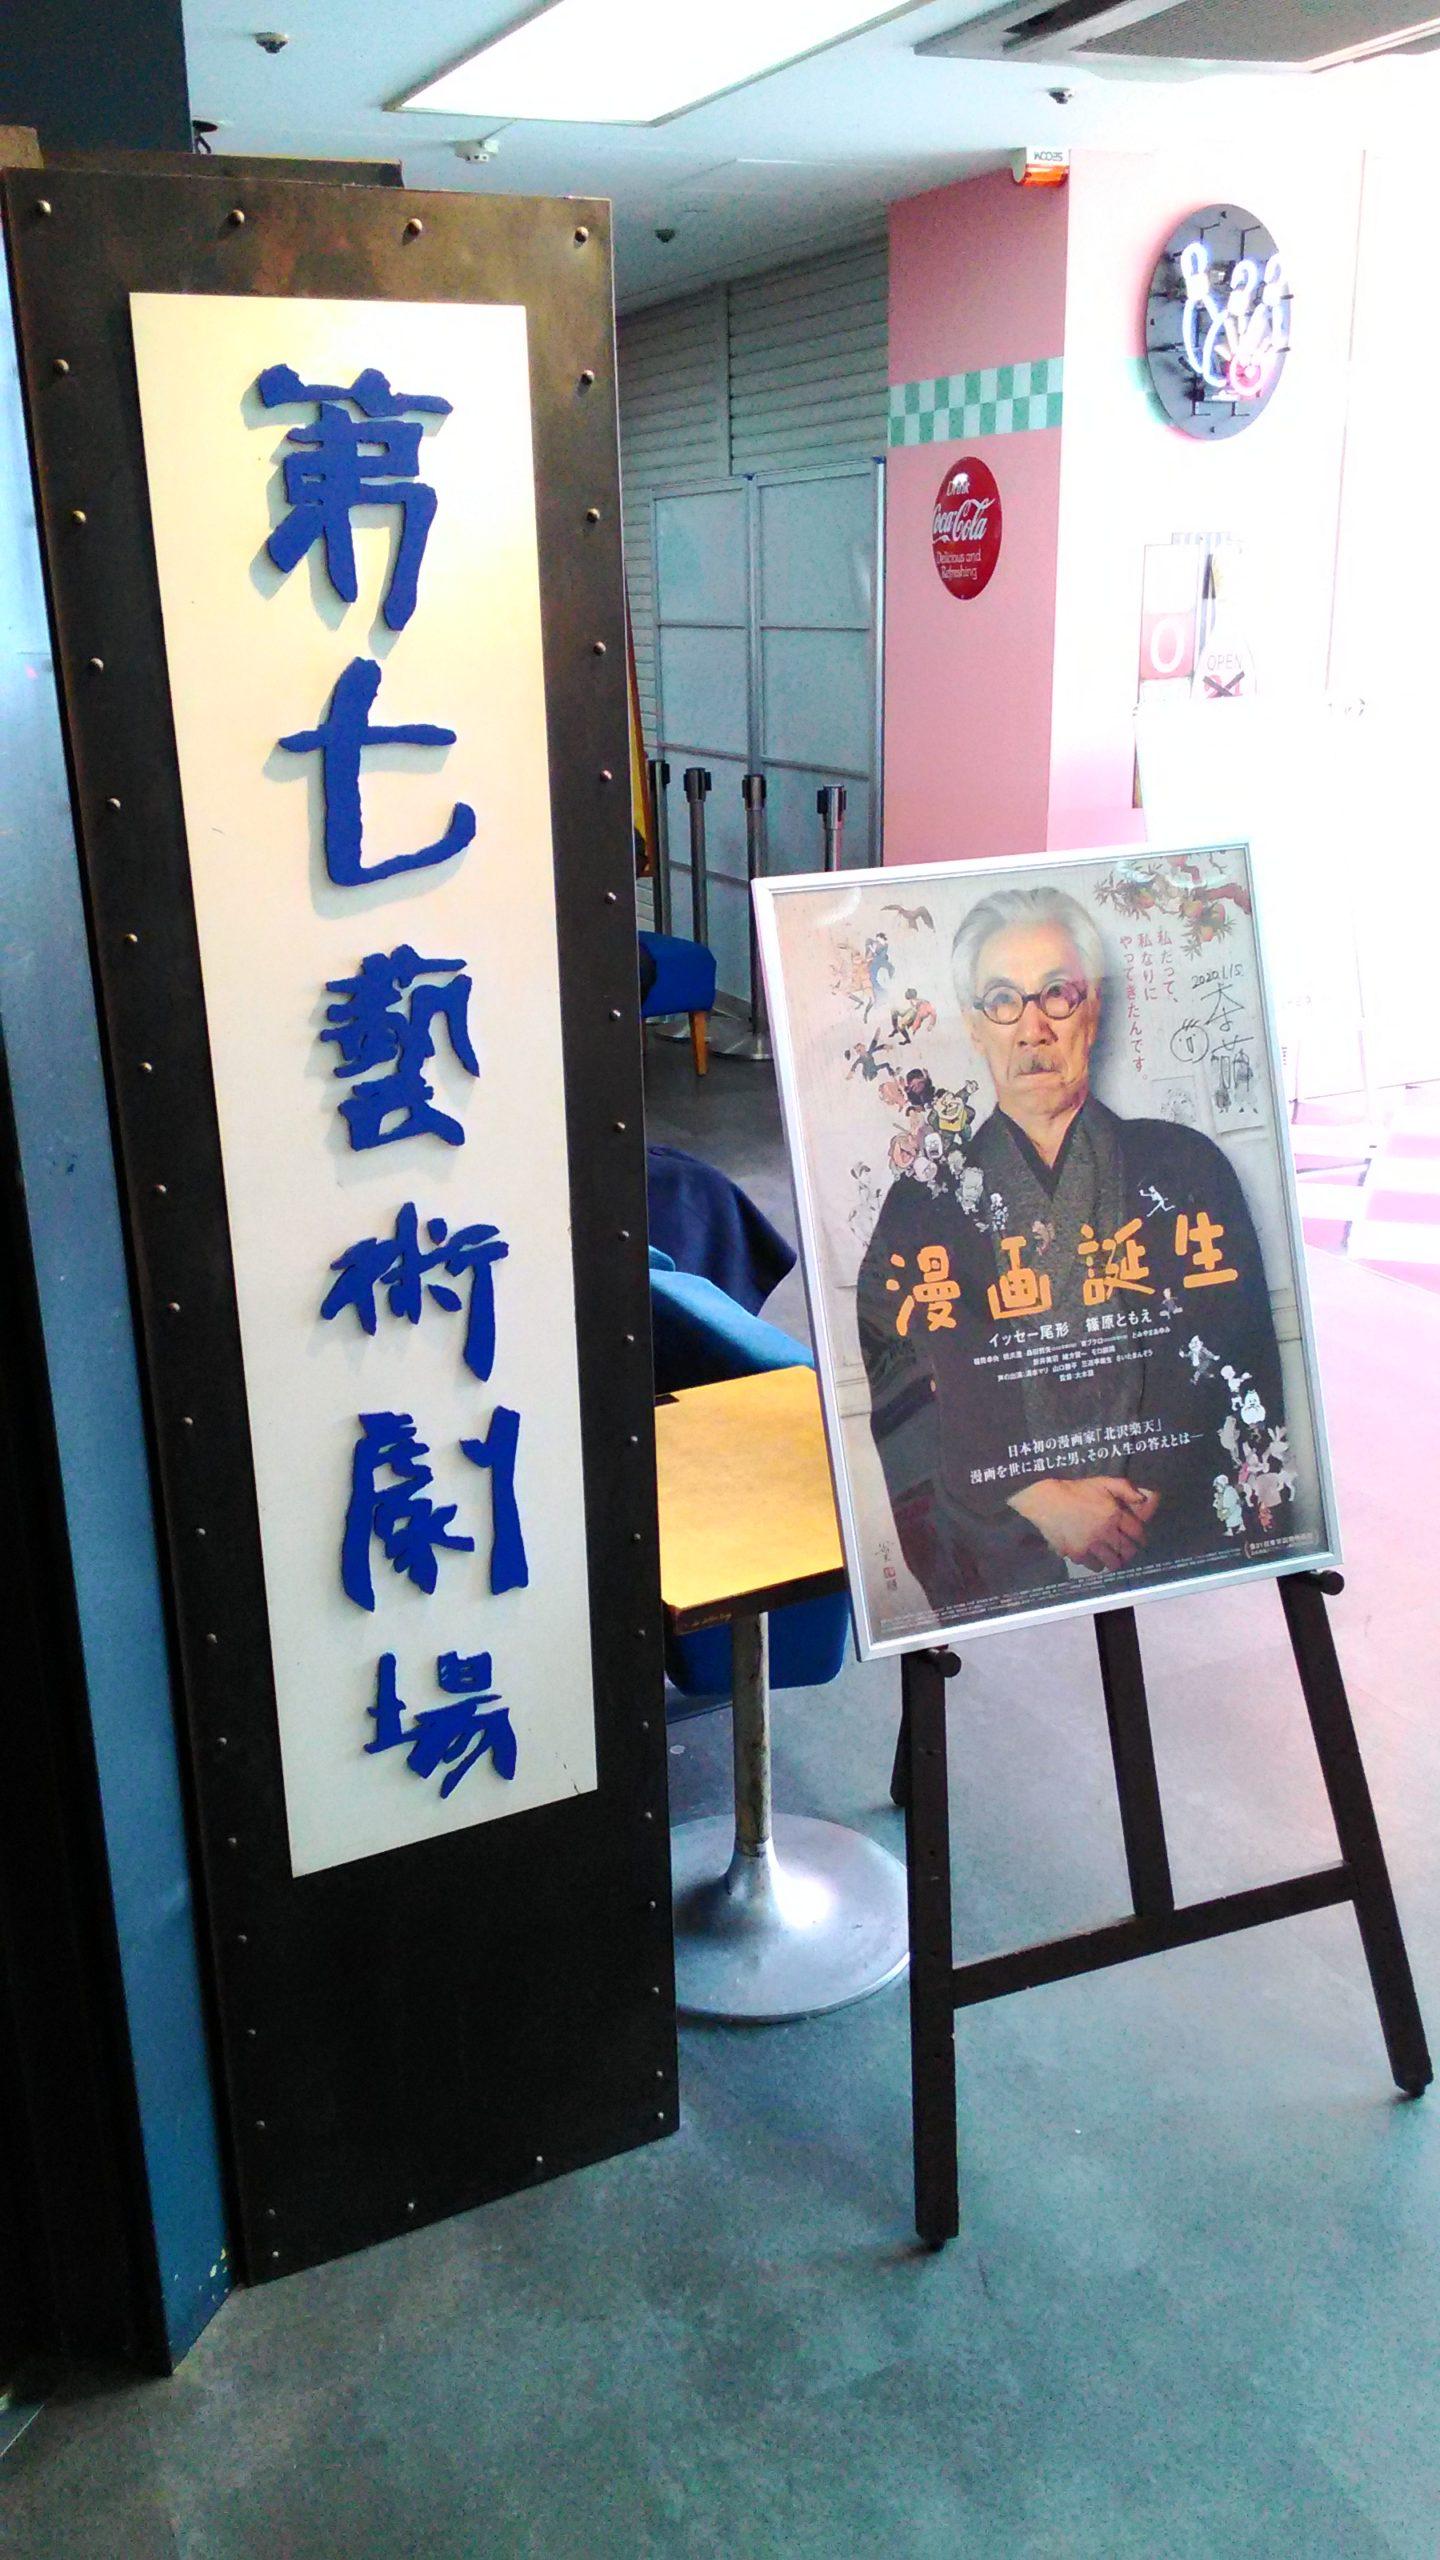 映画 漫画誕生 鑑賞の感想(後半ネタバレあり)